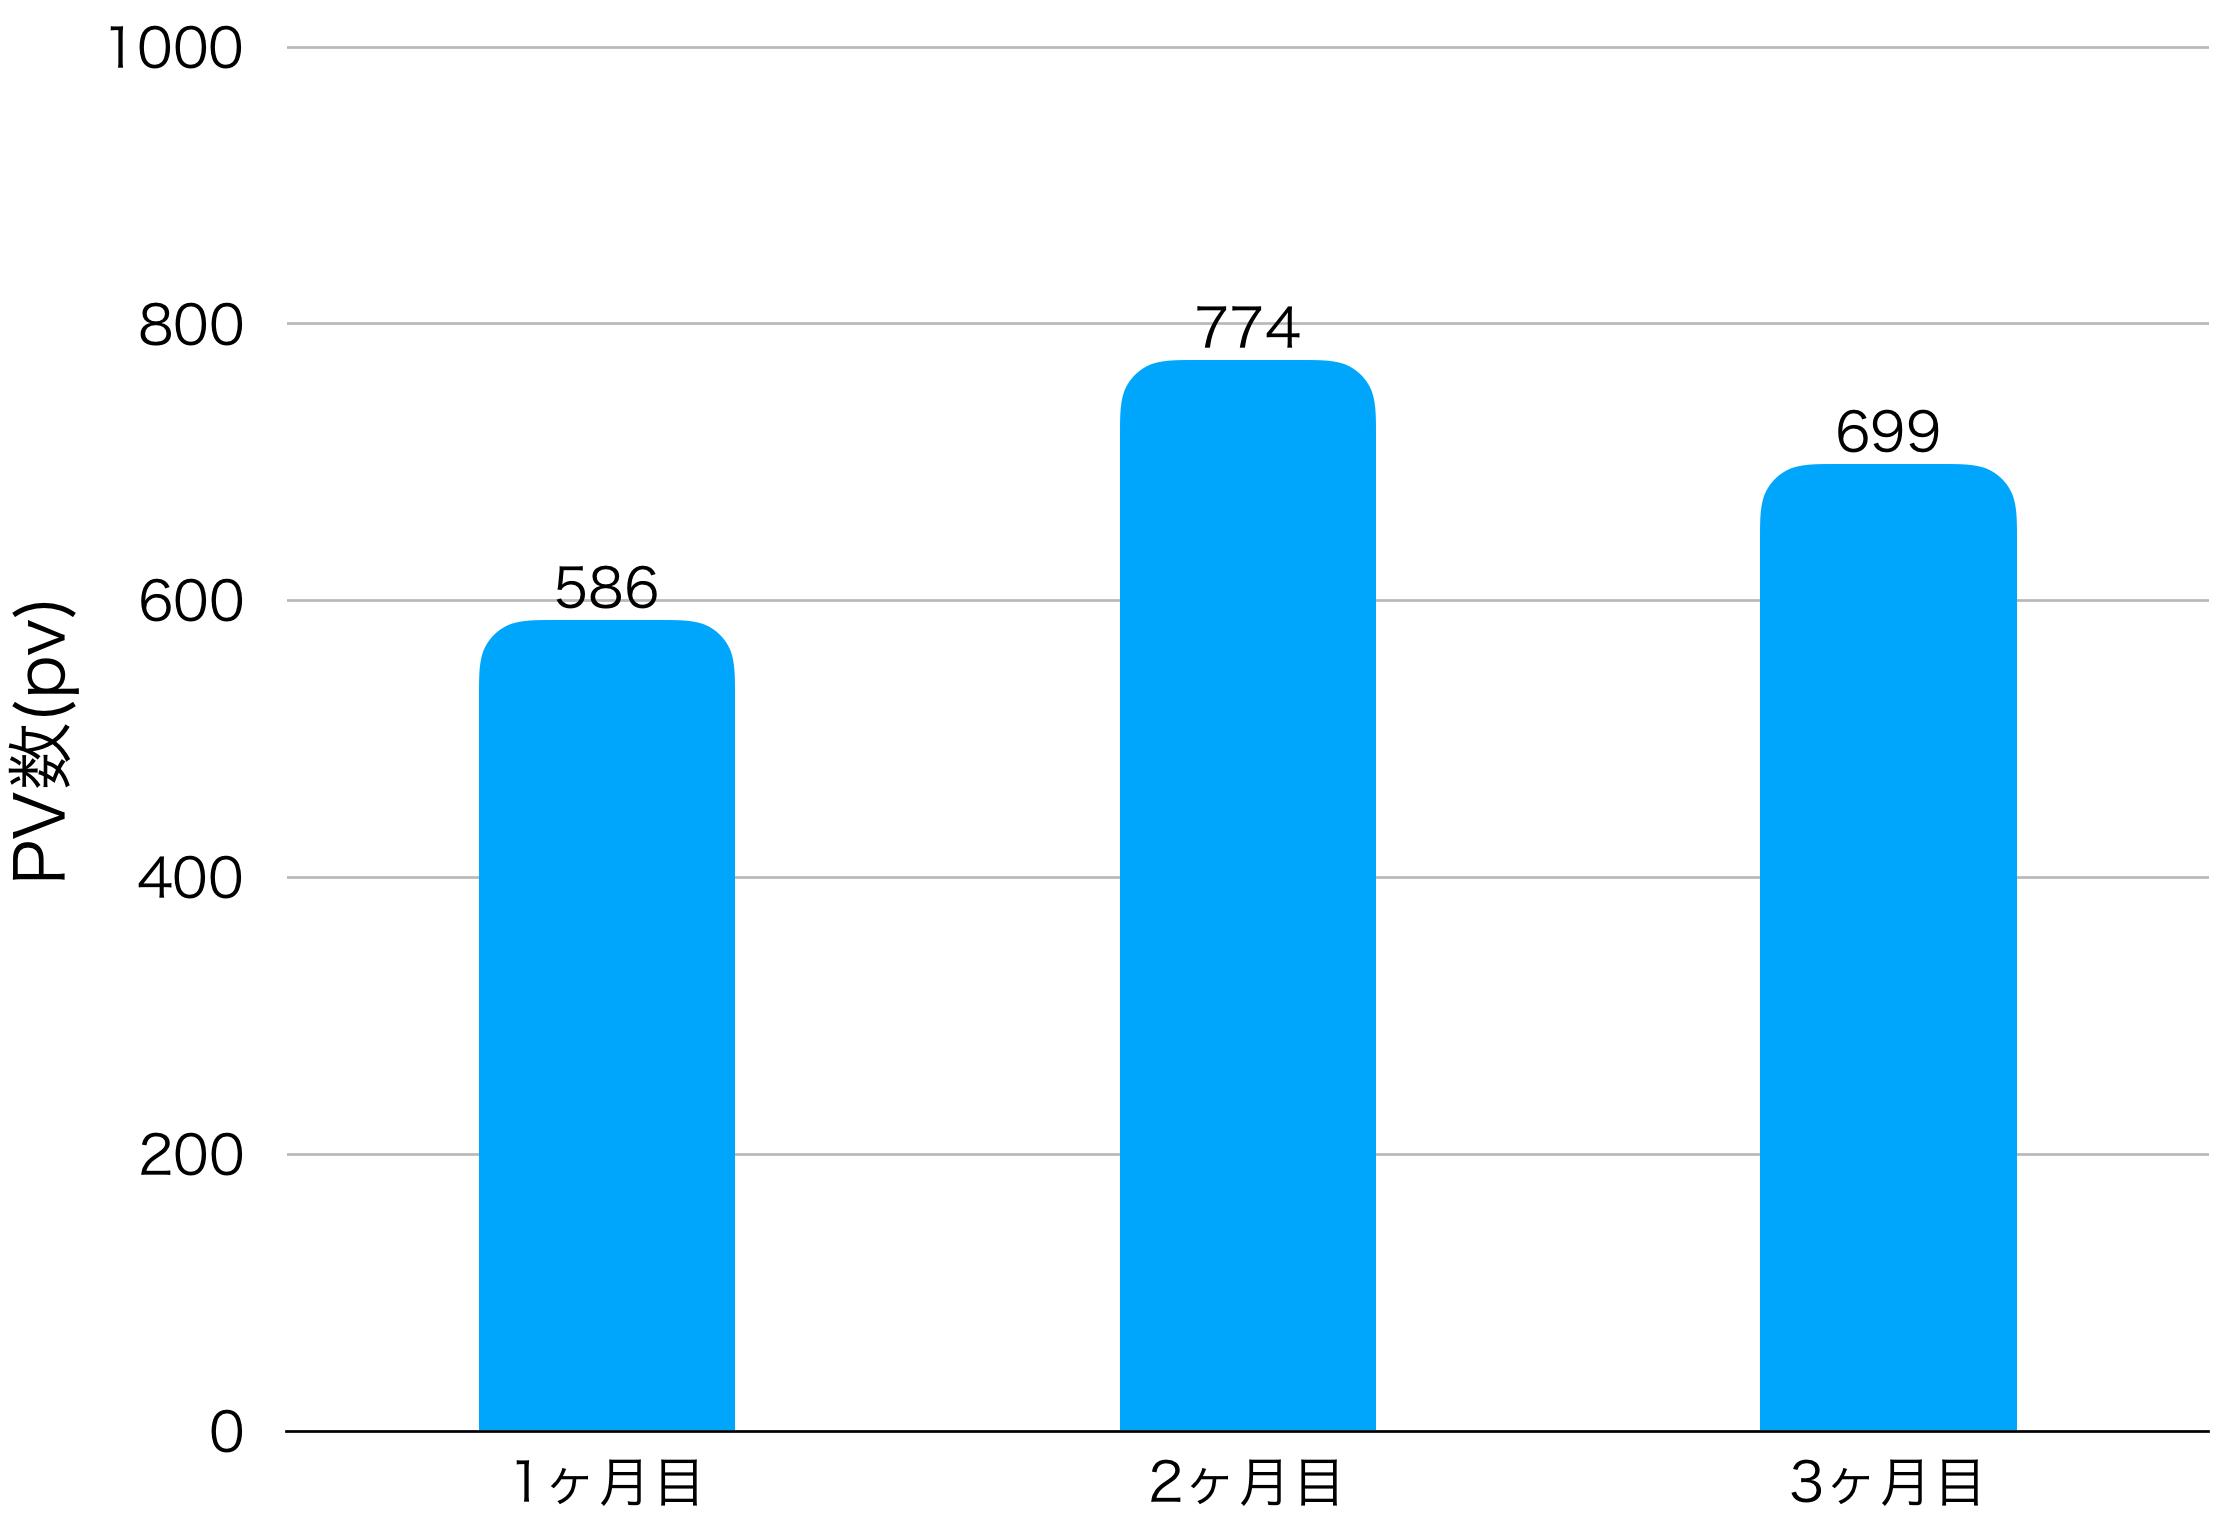 3ヶ月目のPV数の画像